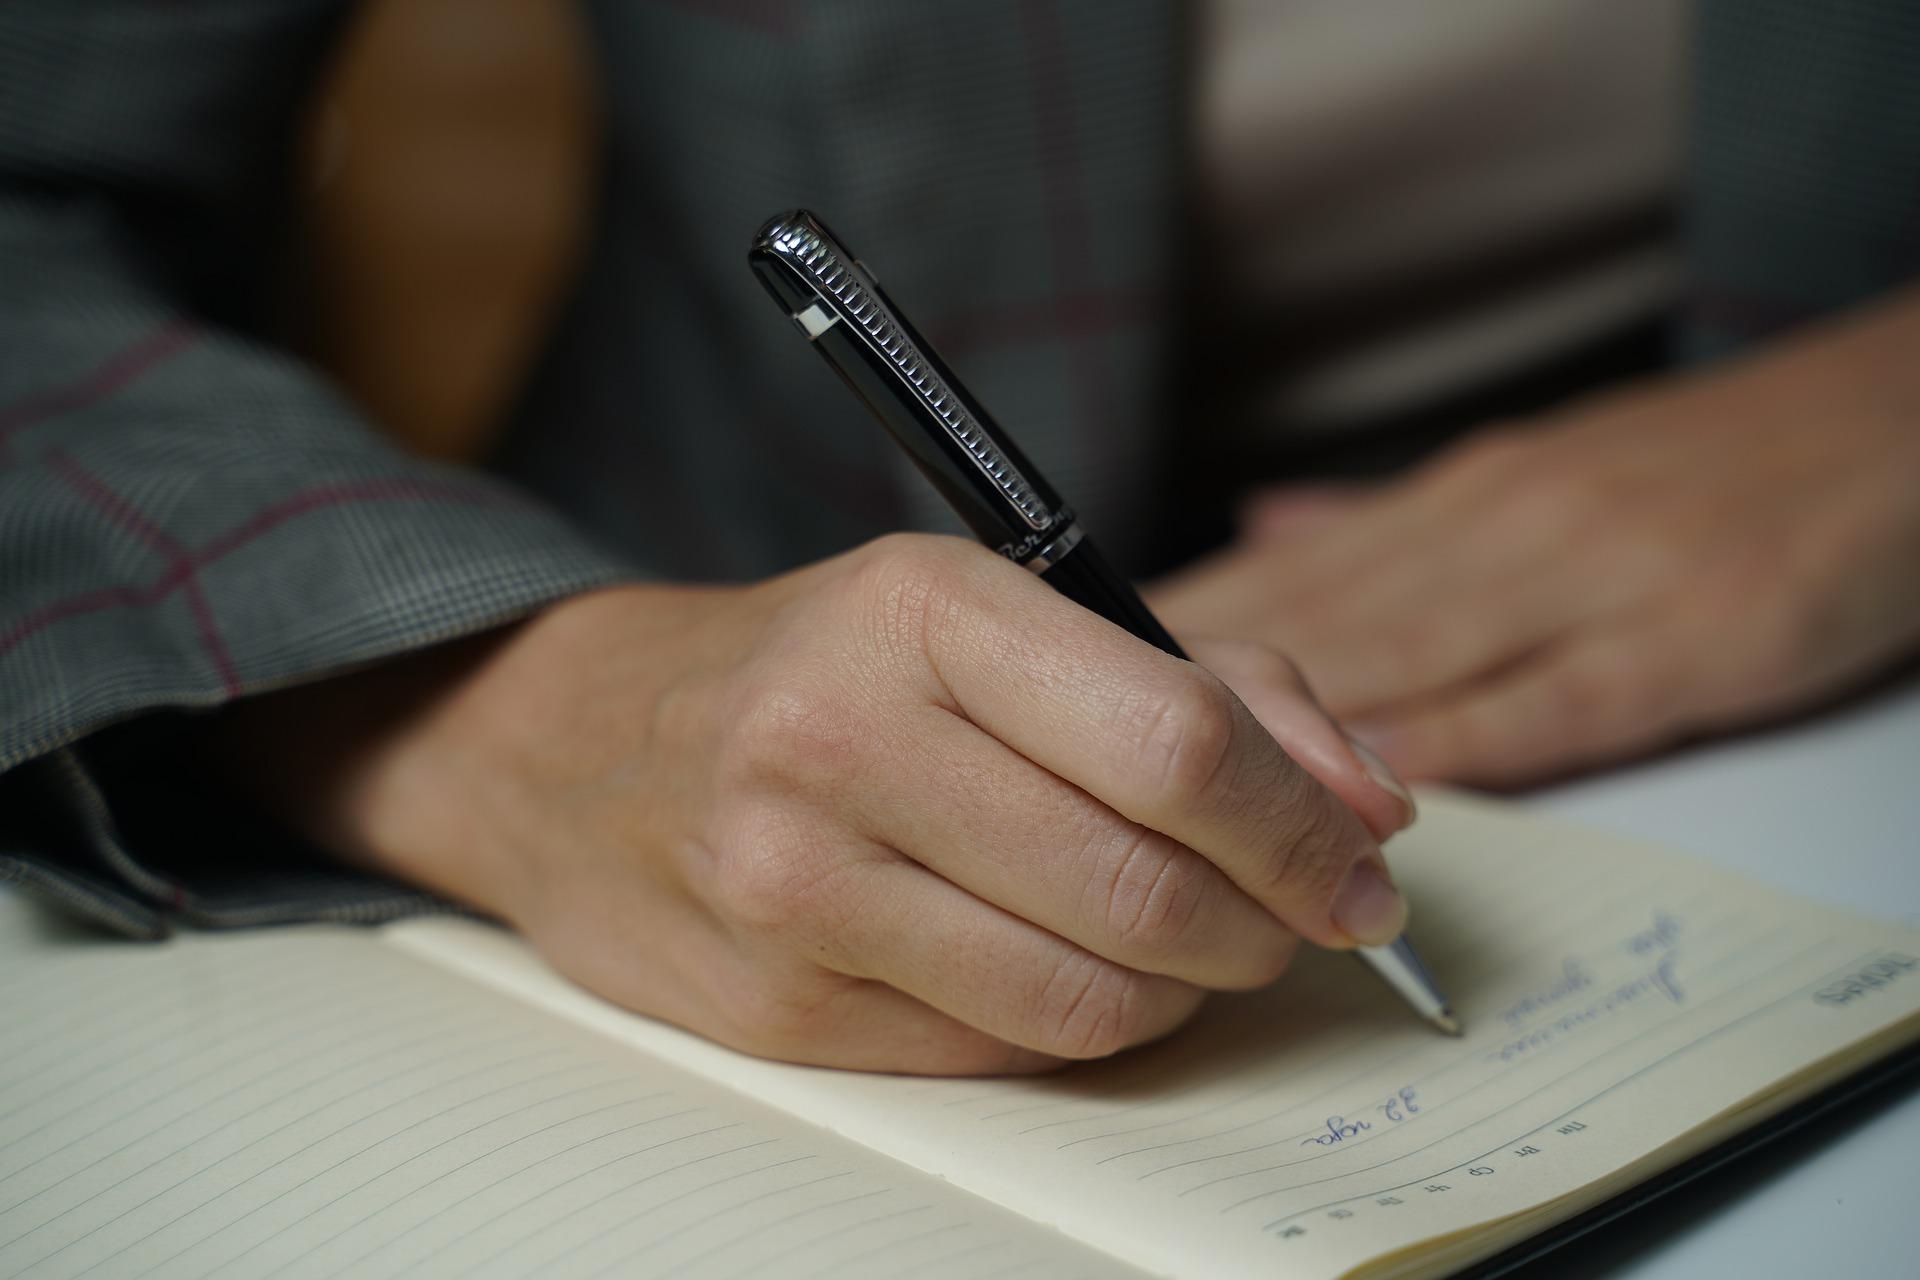 DALL'AUTORITA' PER LA PROTEZIONE DEI DATI DELLA NUOVA ZELANDA:  L'autore Del Reato Richiede Rapporti Psicologici Alle Correzioni